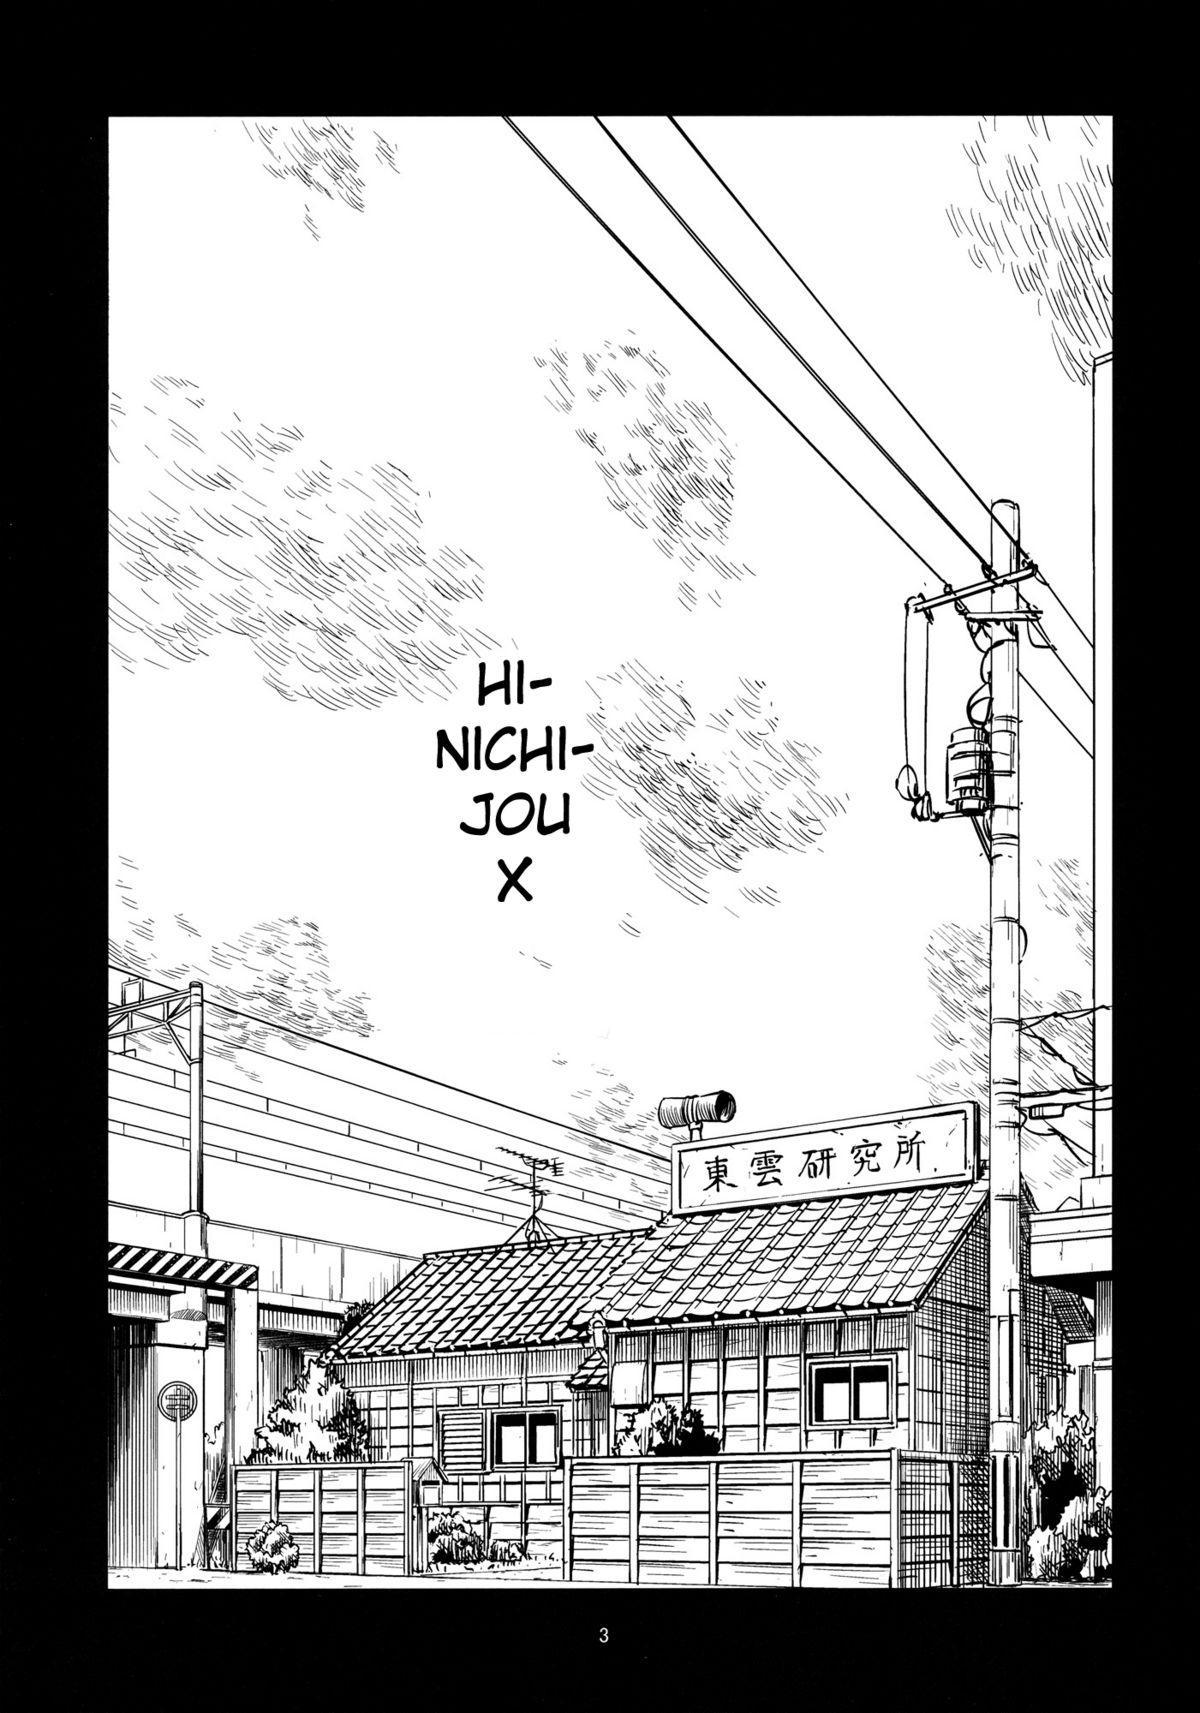 Hinichijou 1